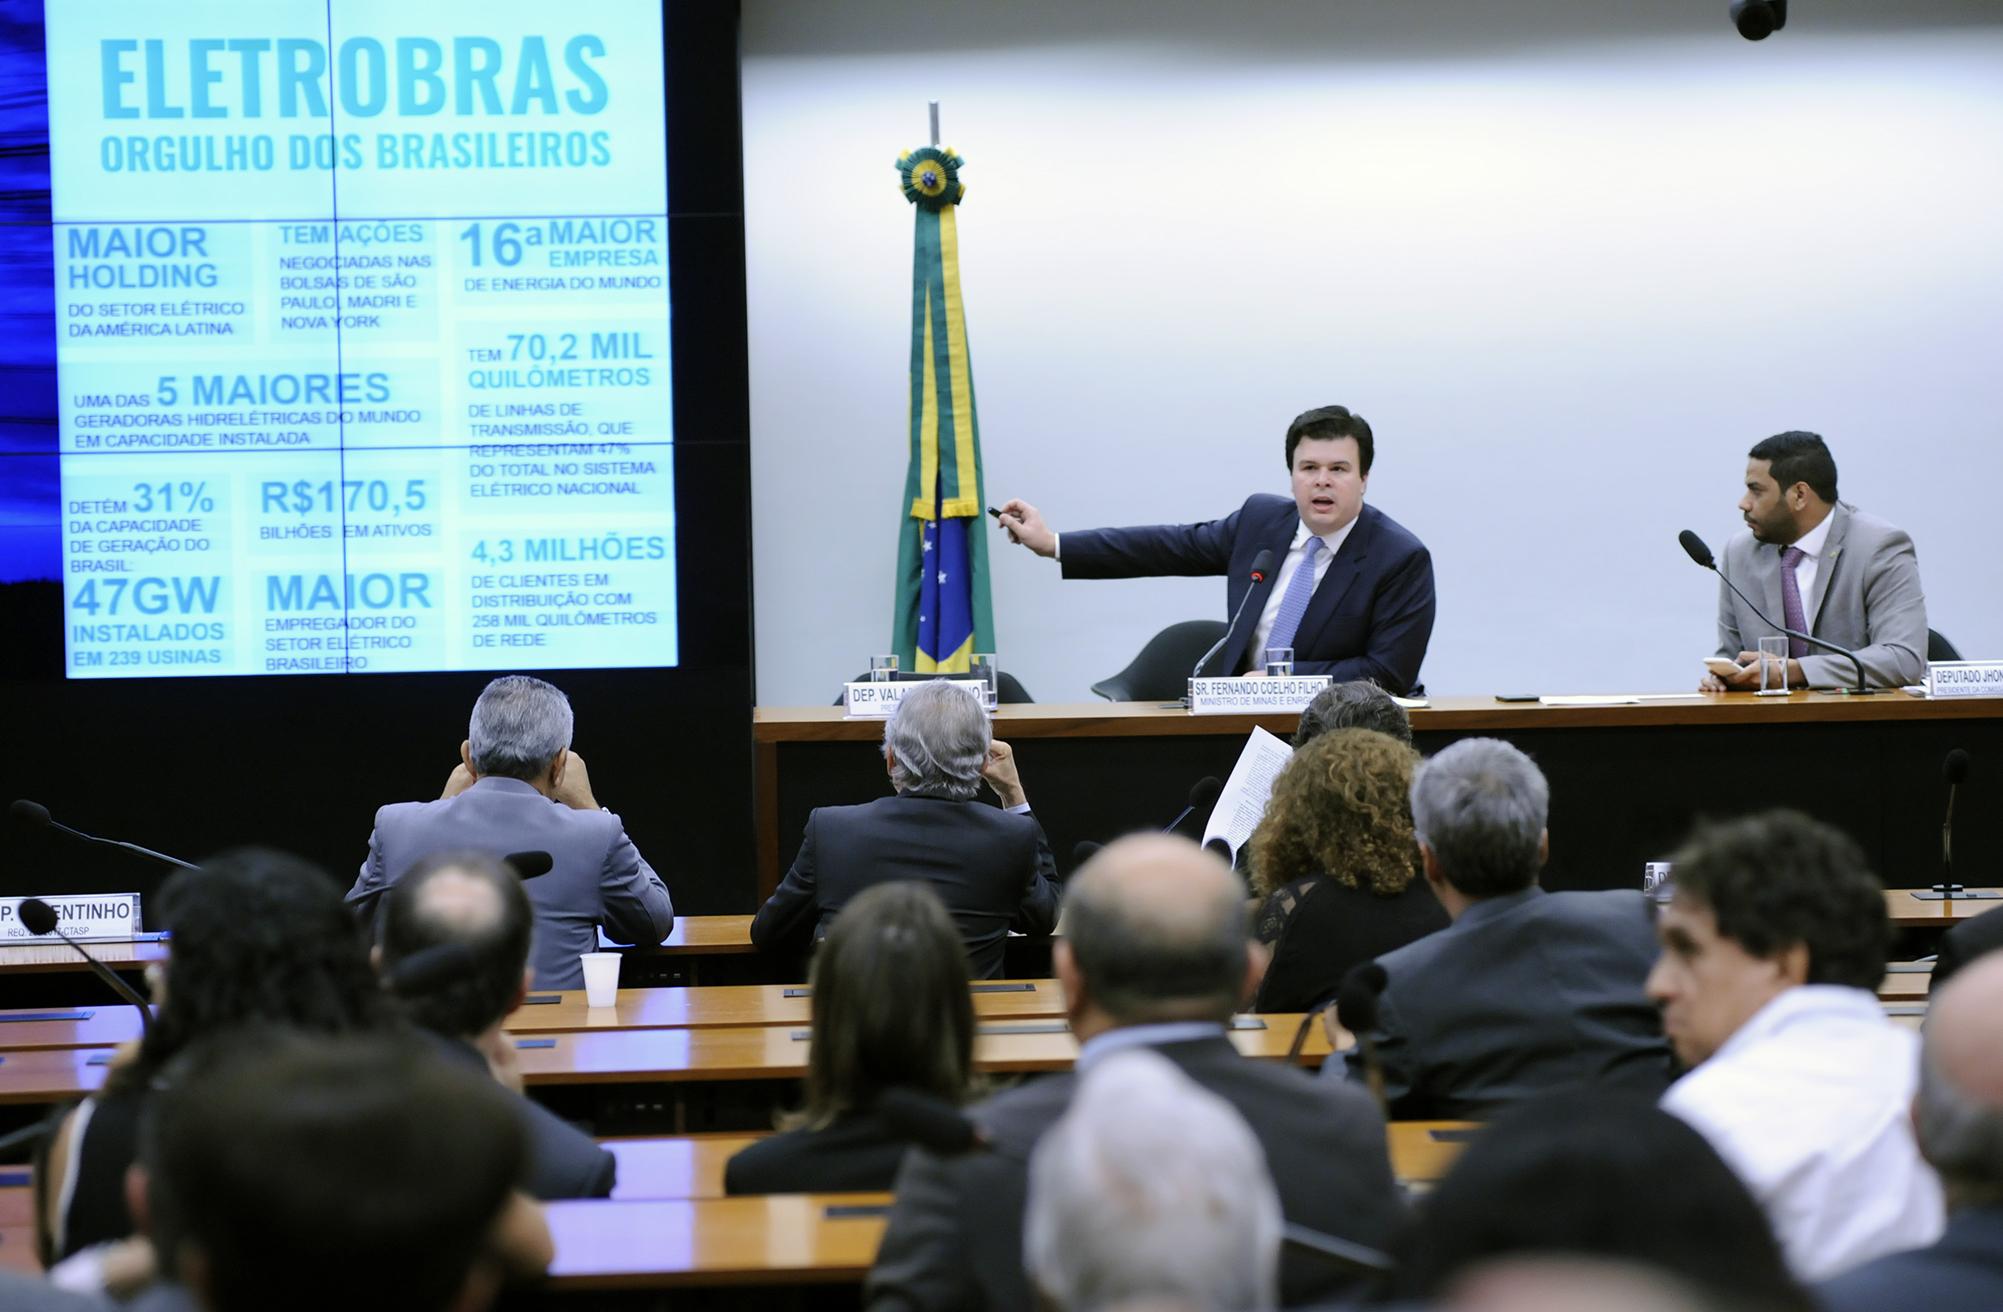 Audiência pública para conceder esclarecimentos acerca da privatização da Eletrobrás e da extinção da Reserva Nacional do Cobre e seus Asssociados - Renca. Ministro de Minas e Energia, Fernando Coelho Filho